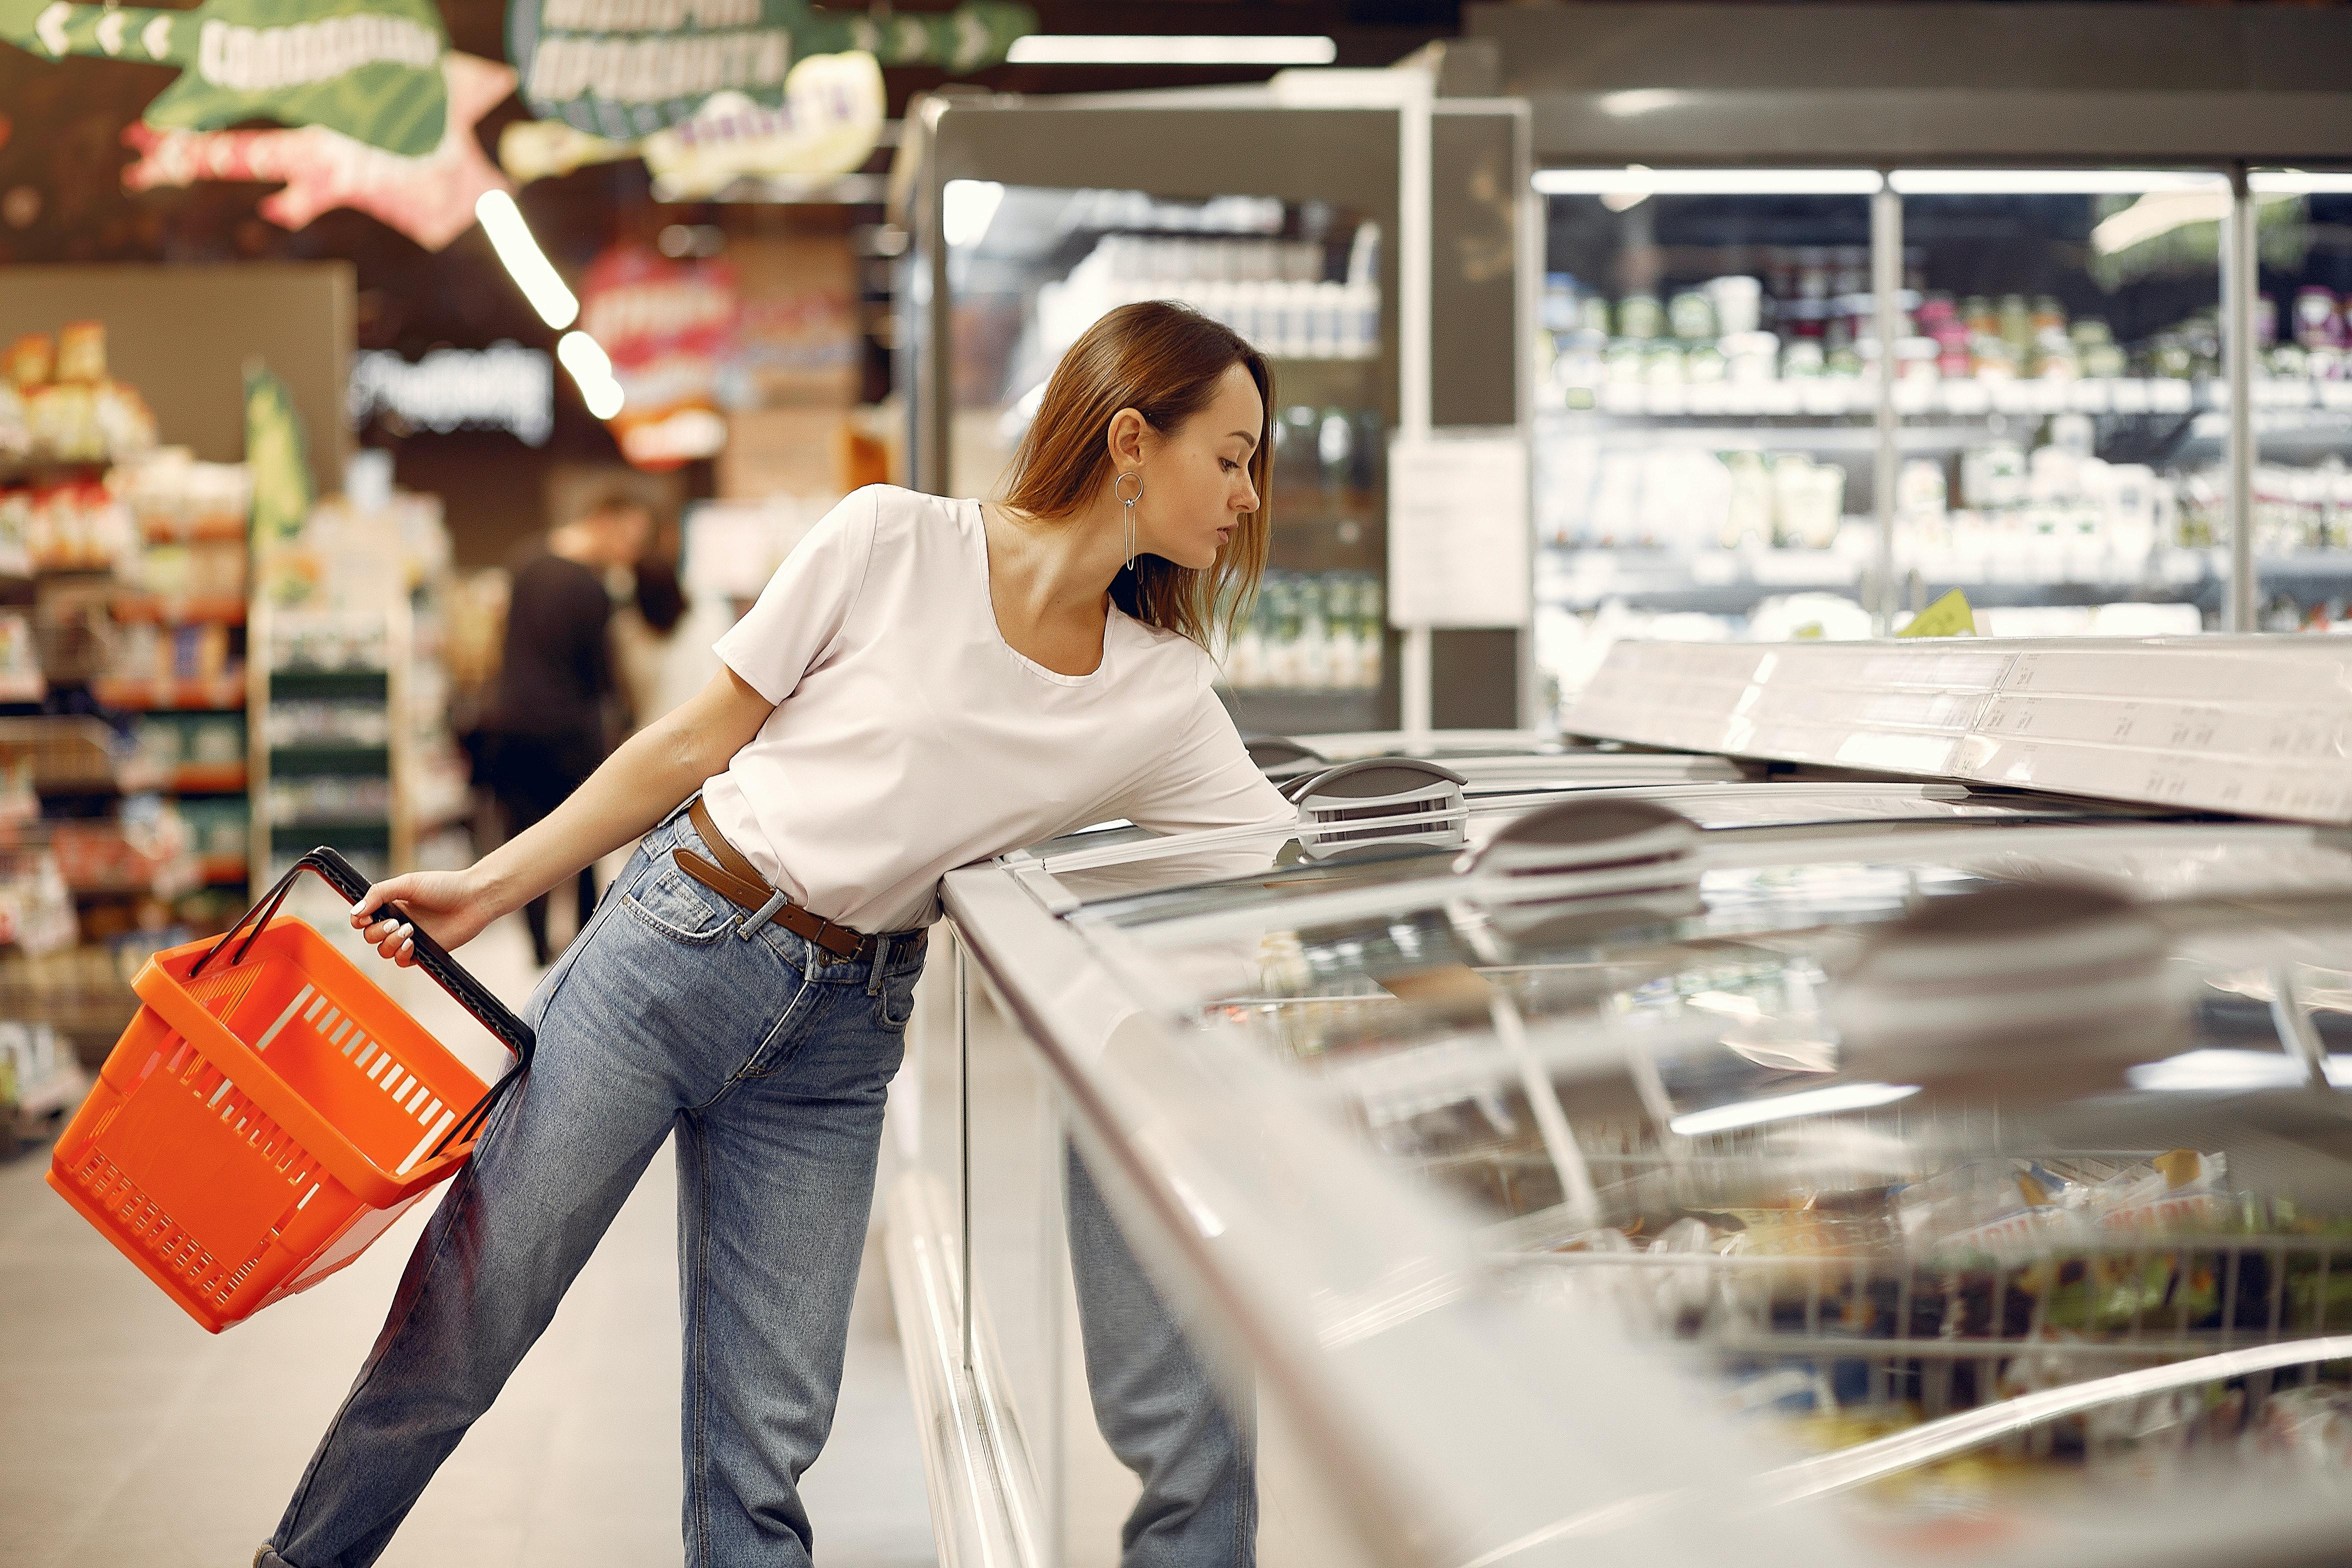 cibo_spazzatura_industria_alimentare_supermercato_surgelati